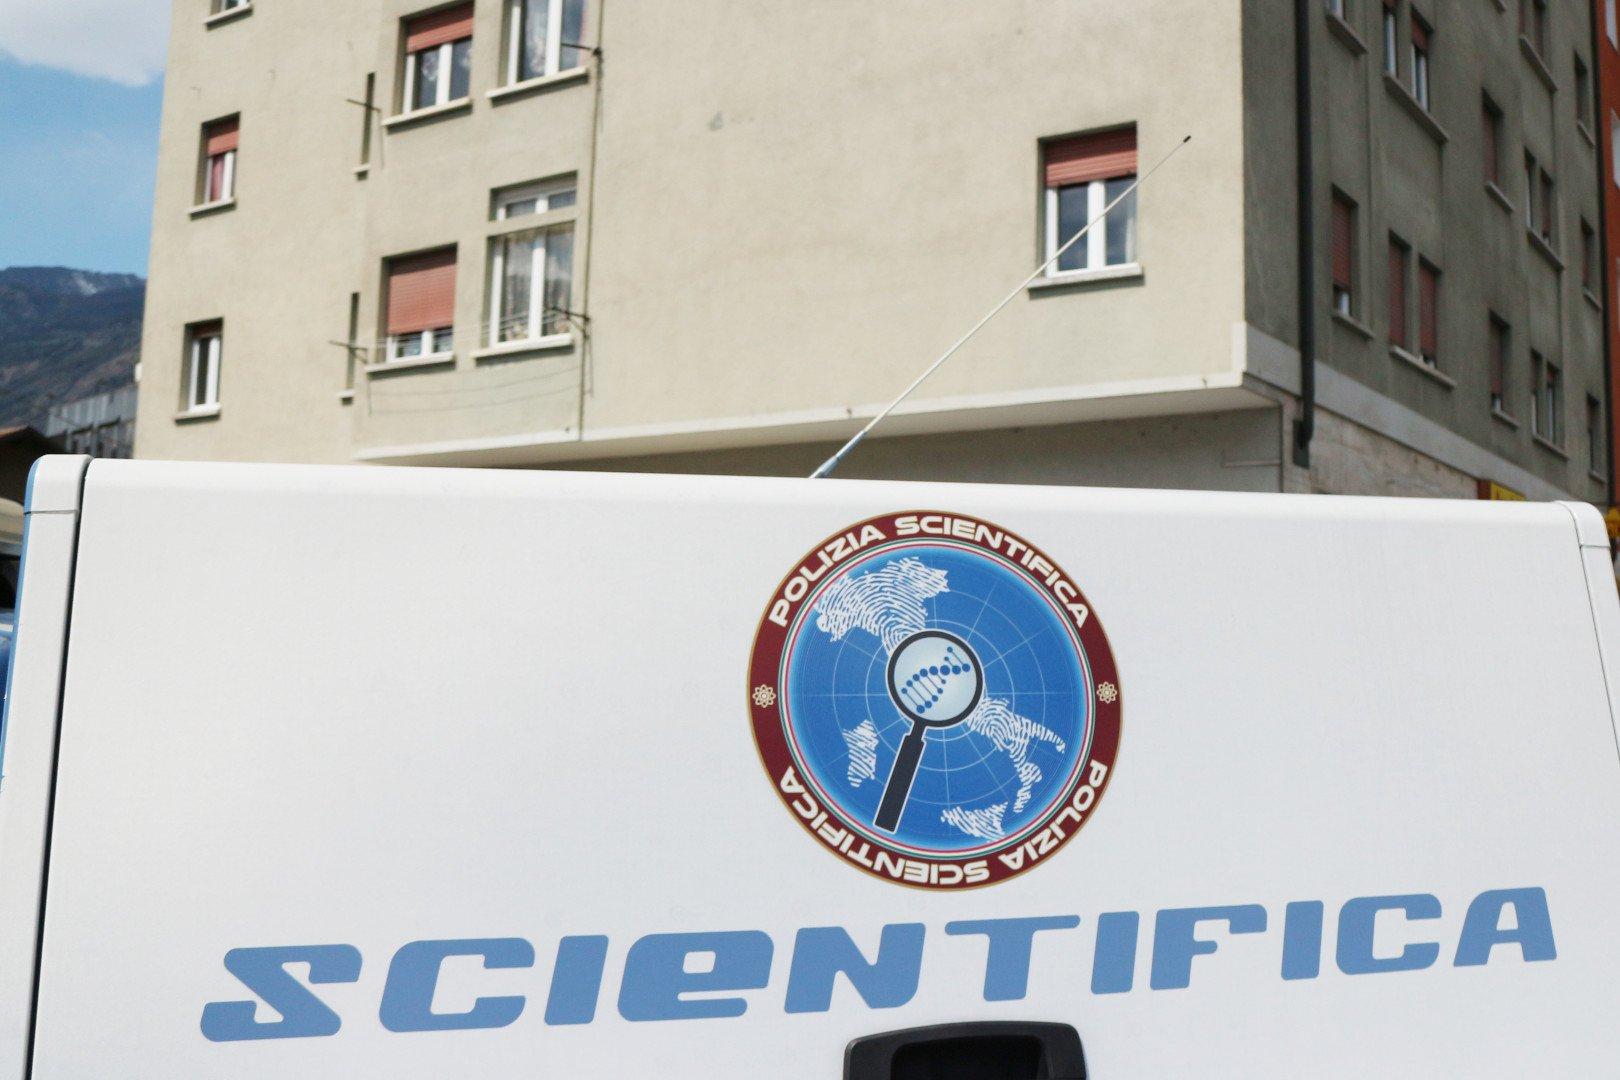 Una donna 32enne trovata morta ad Aosta: indaga la Squadra Mobile per omicidio, dopo i lunghi rilievi della Scientifica